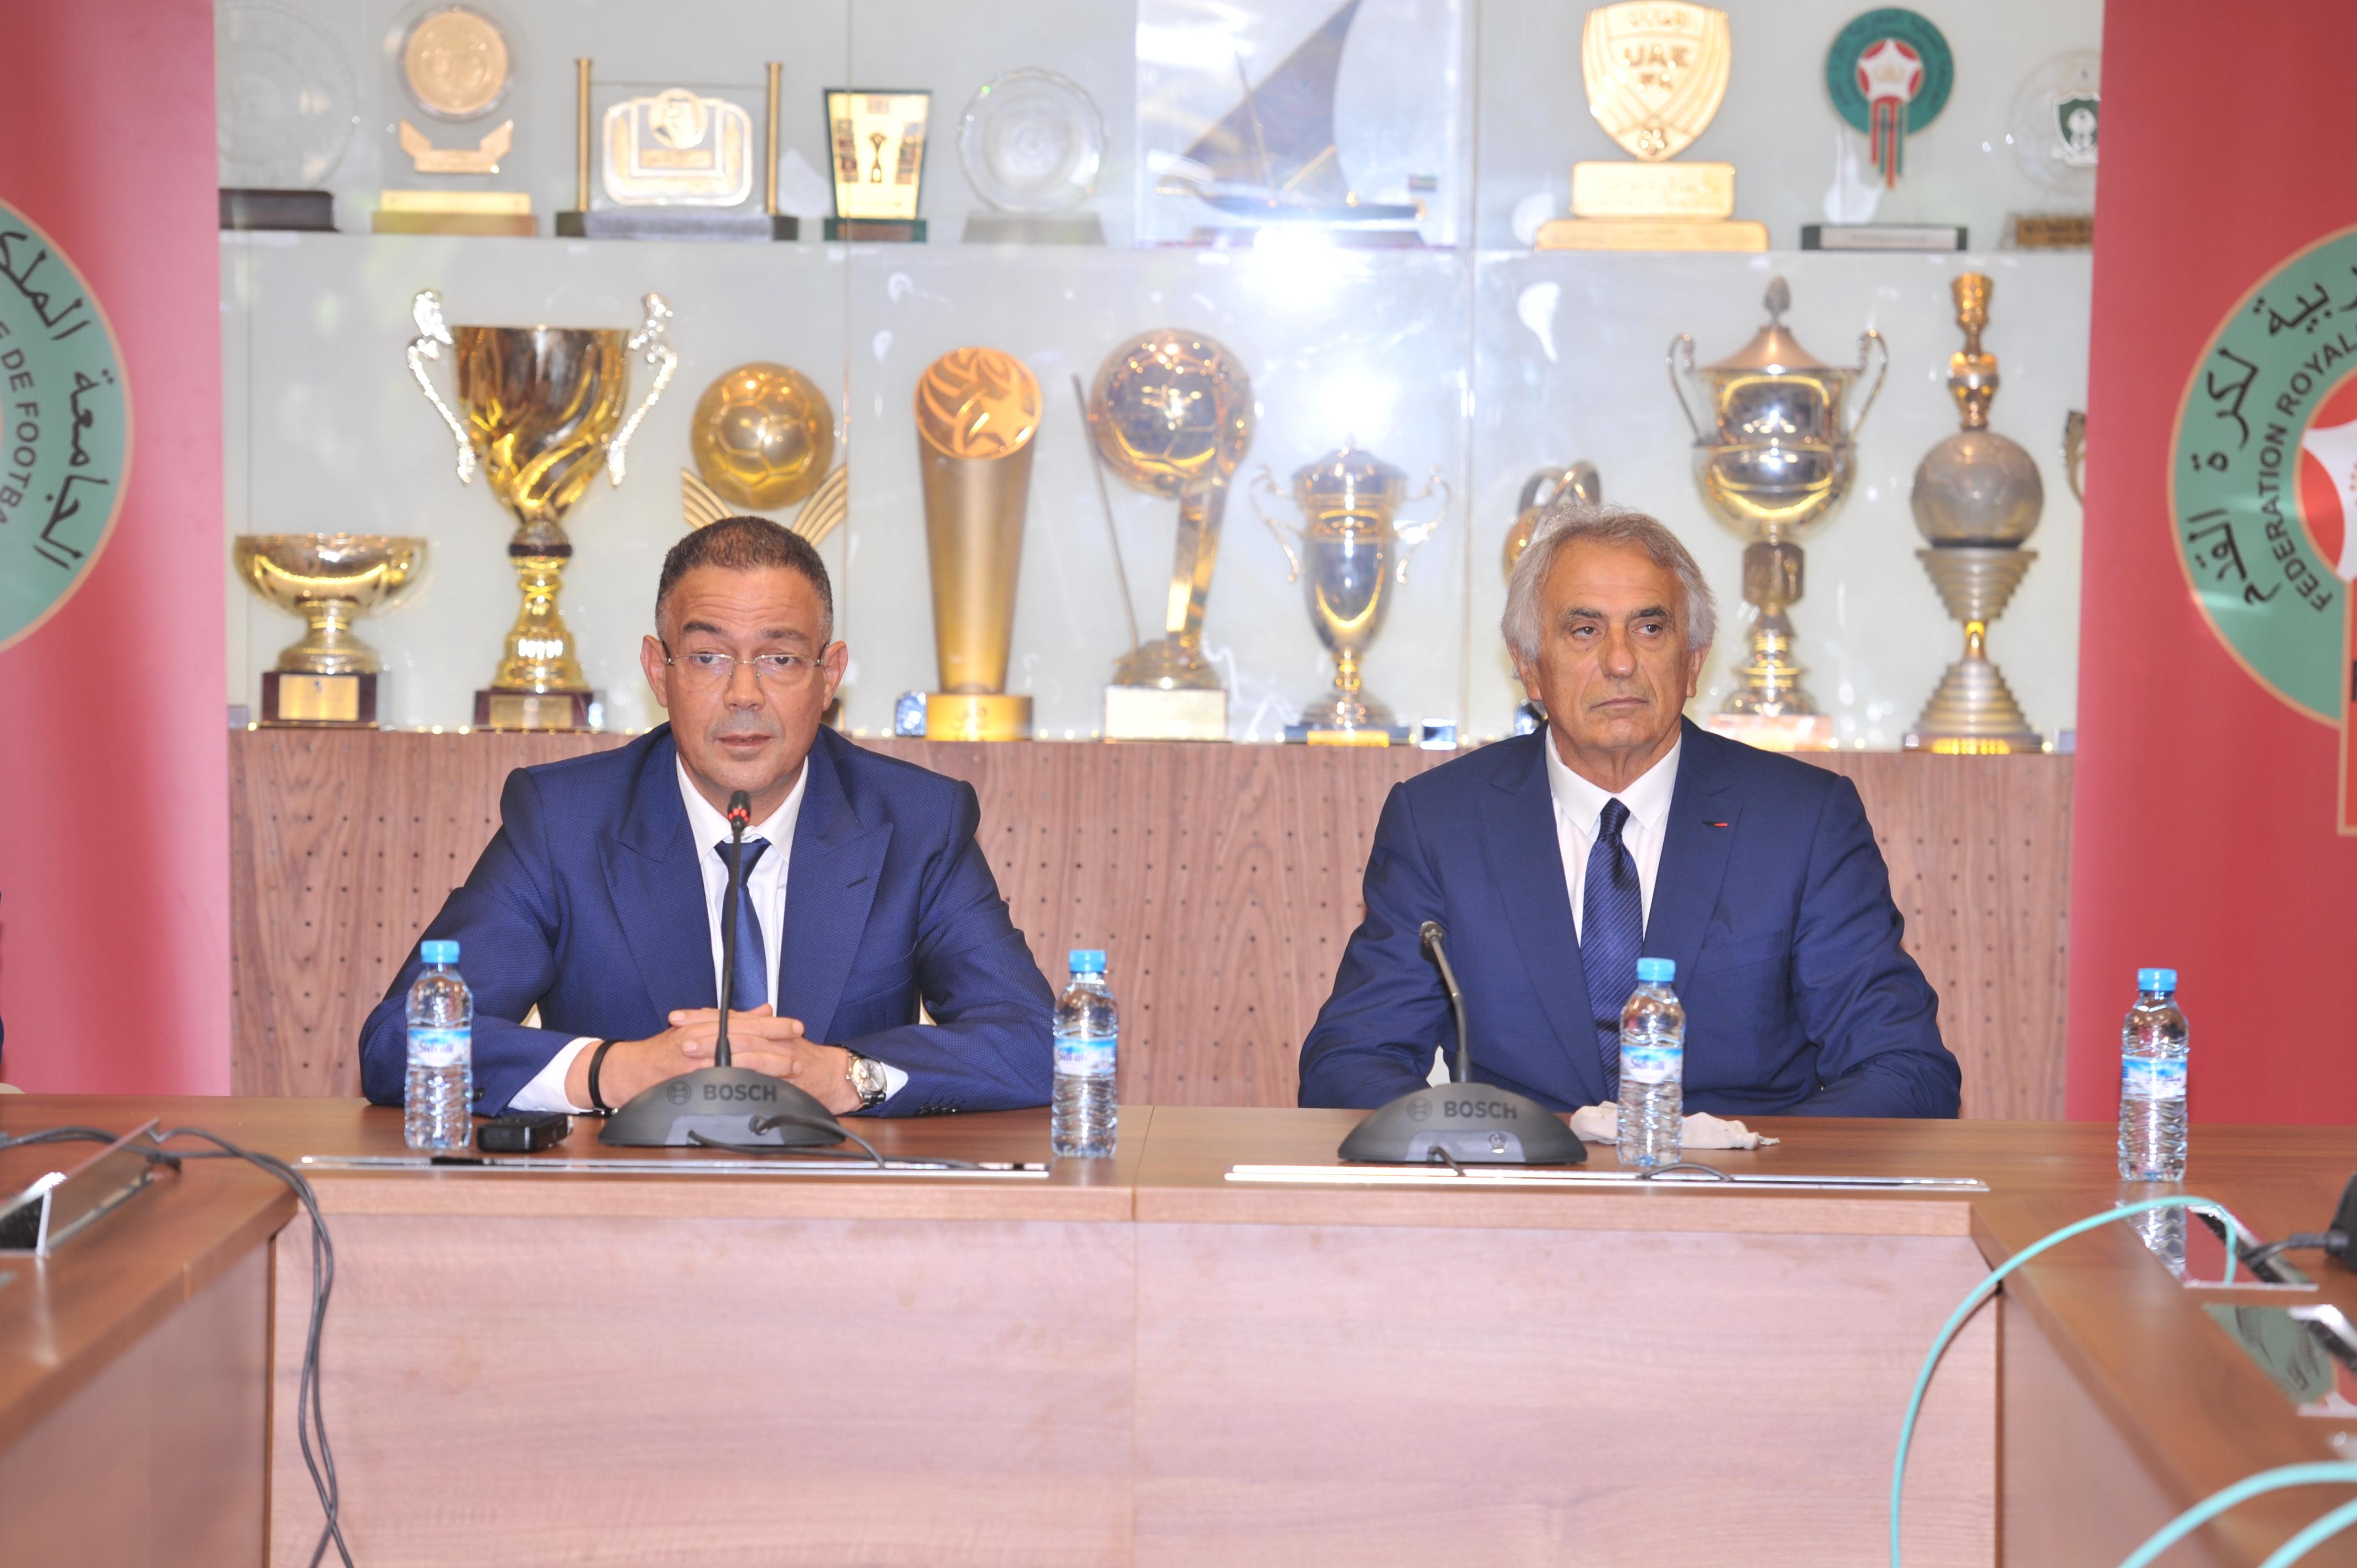 سبق   المنتخب  بوركينافاسو و النيجر أول اختبار للبوسني